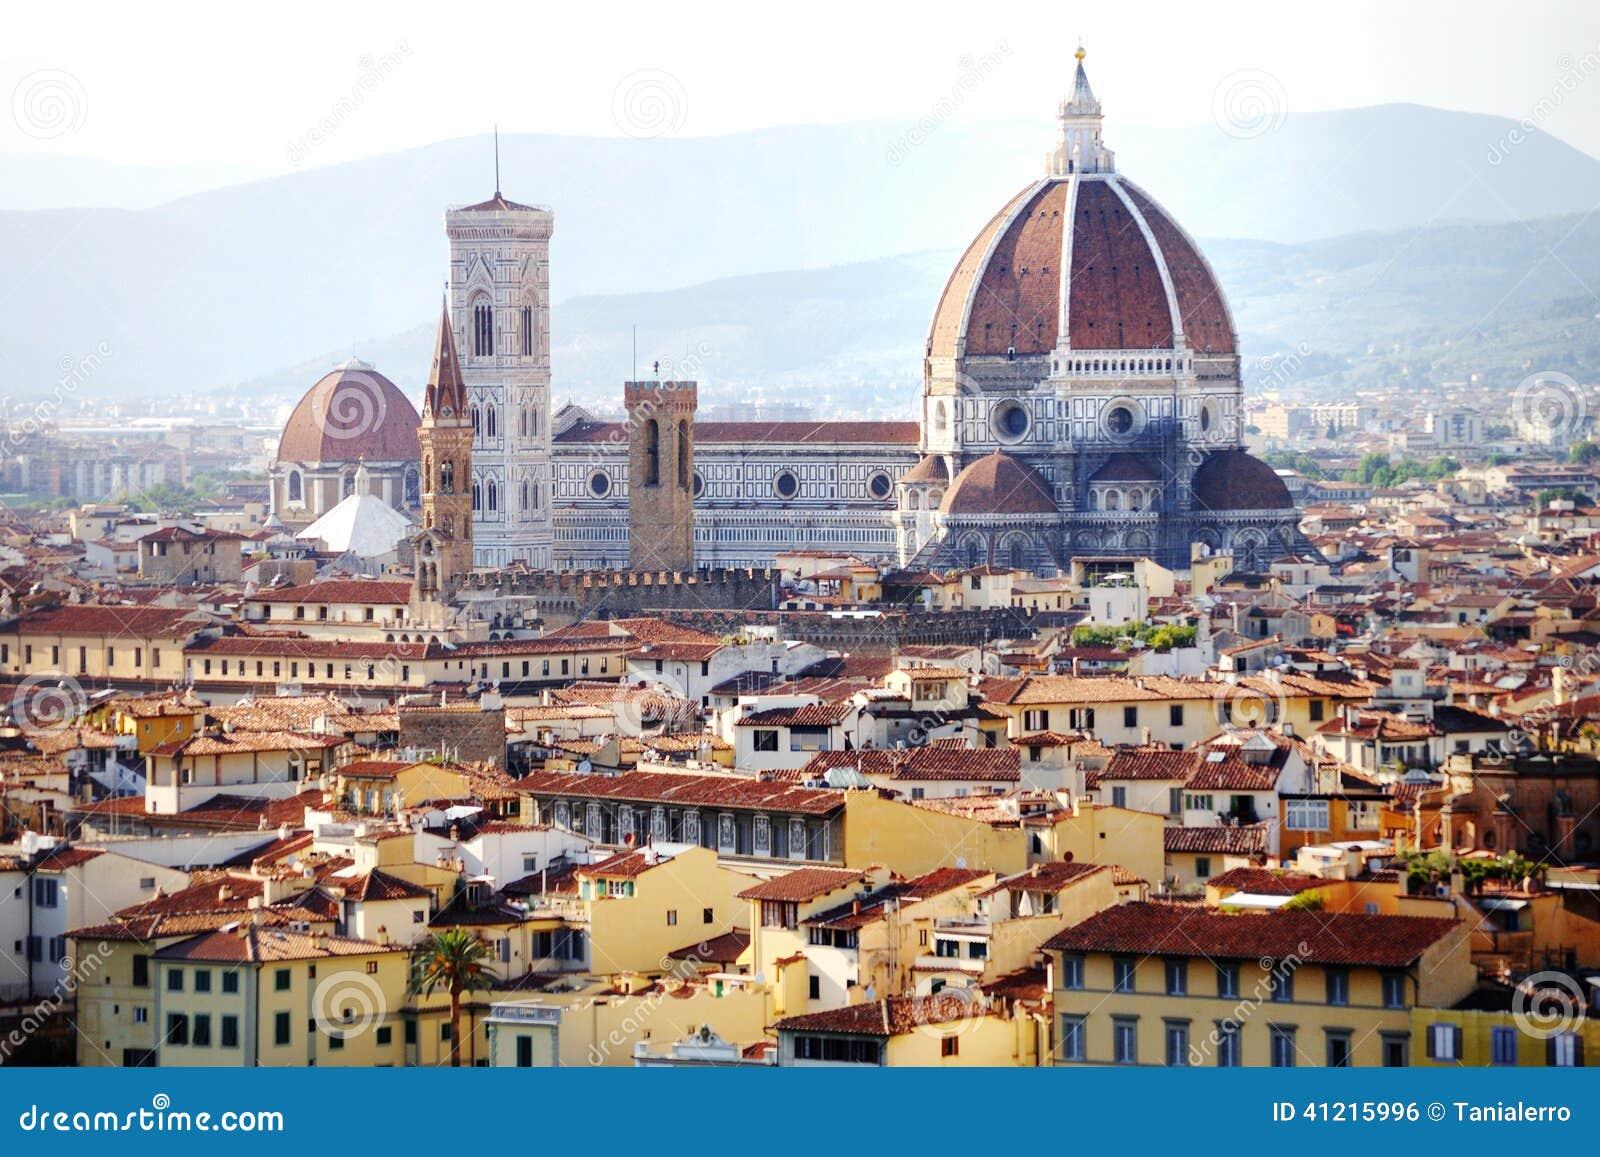 佛罗伦萨大教堂全景,佛罗伦萨,托斯卡纳,意大利